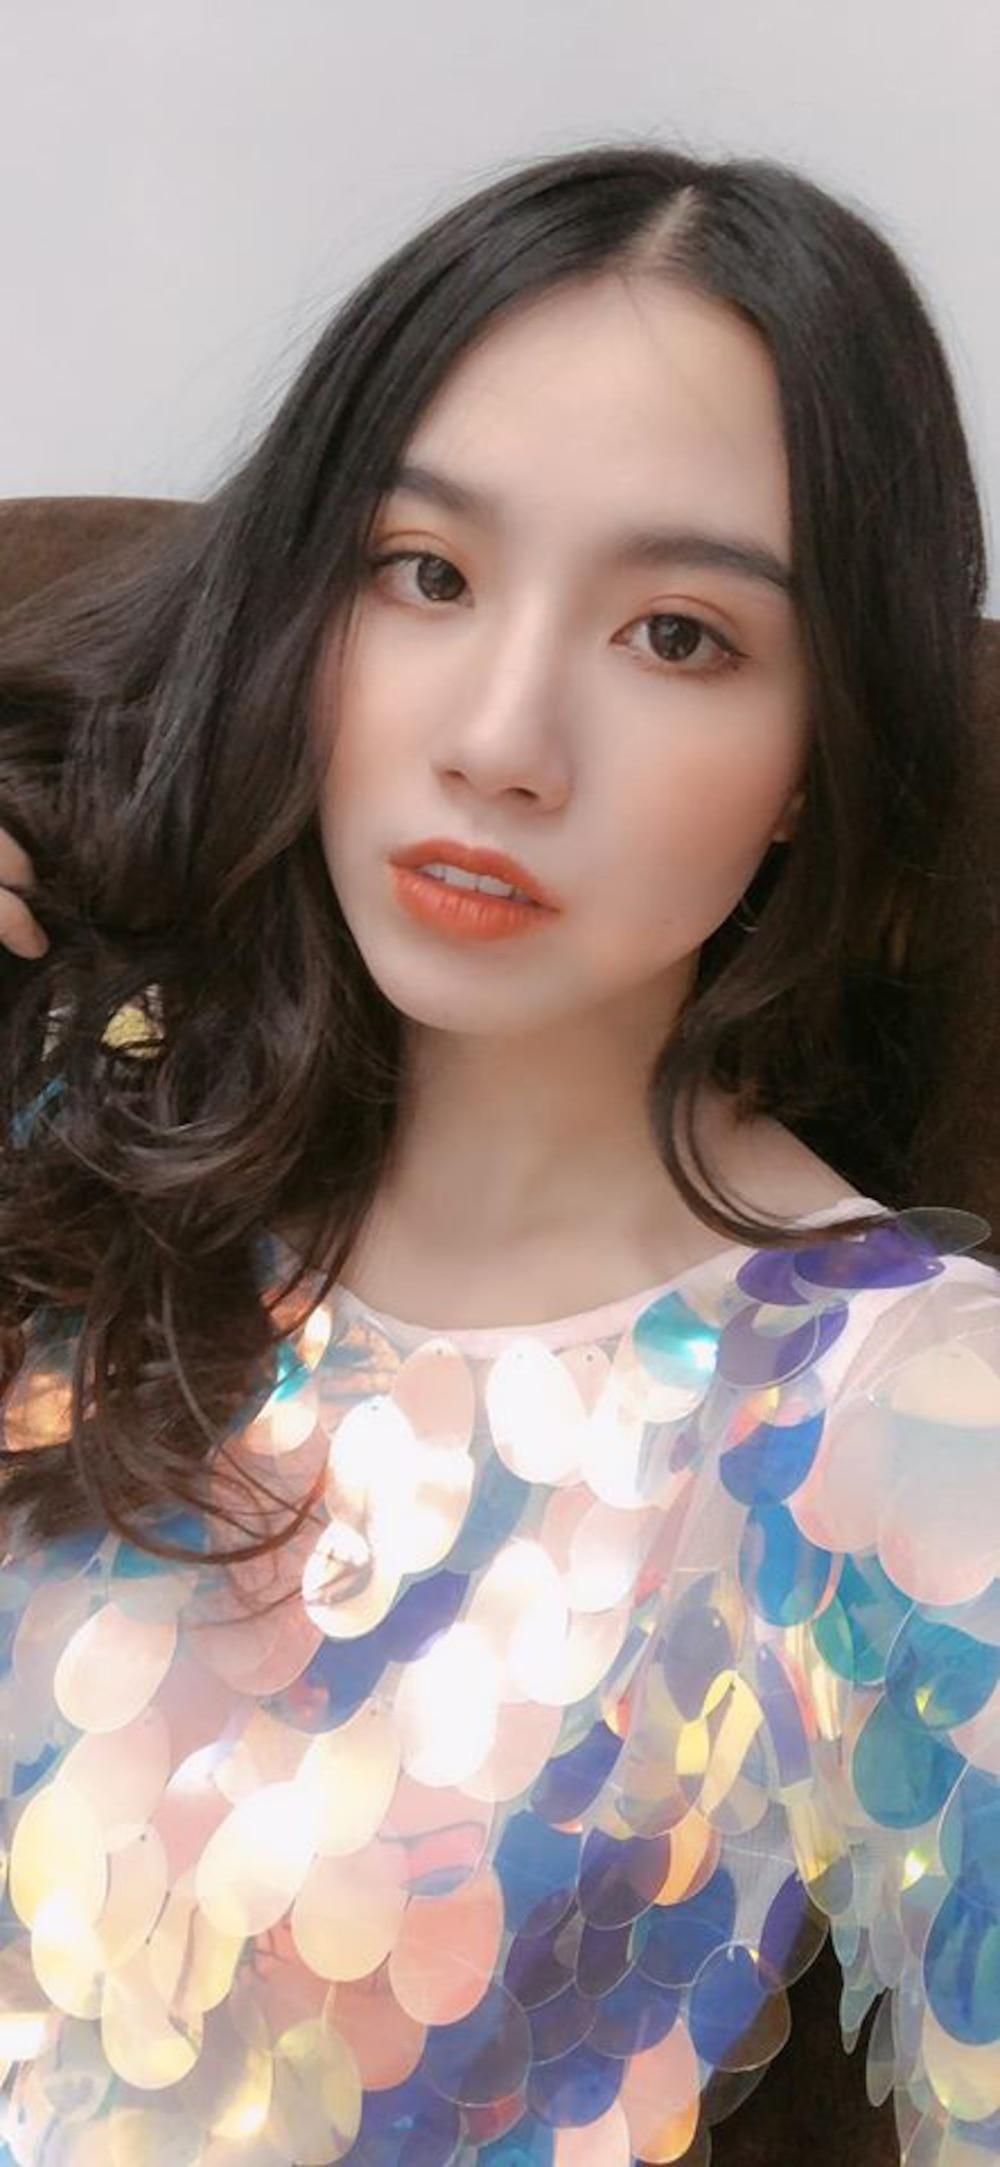 Cộng đồng mạng kêu gọi tẩy chay hotgirl Linh Miu vì status phản cảm trước sự ra đi của nghệ sĩ Chí Tài Ảnh 3